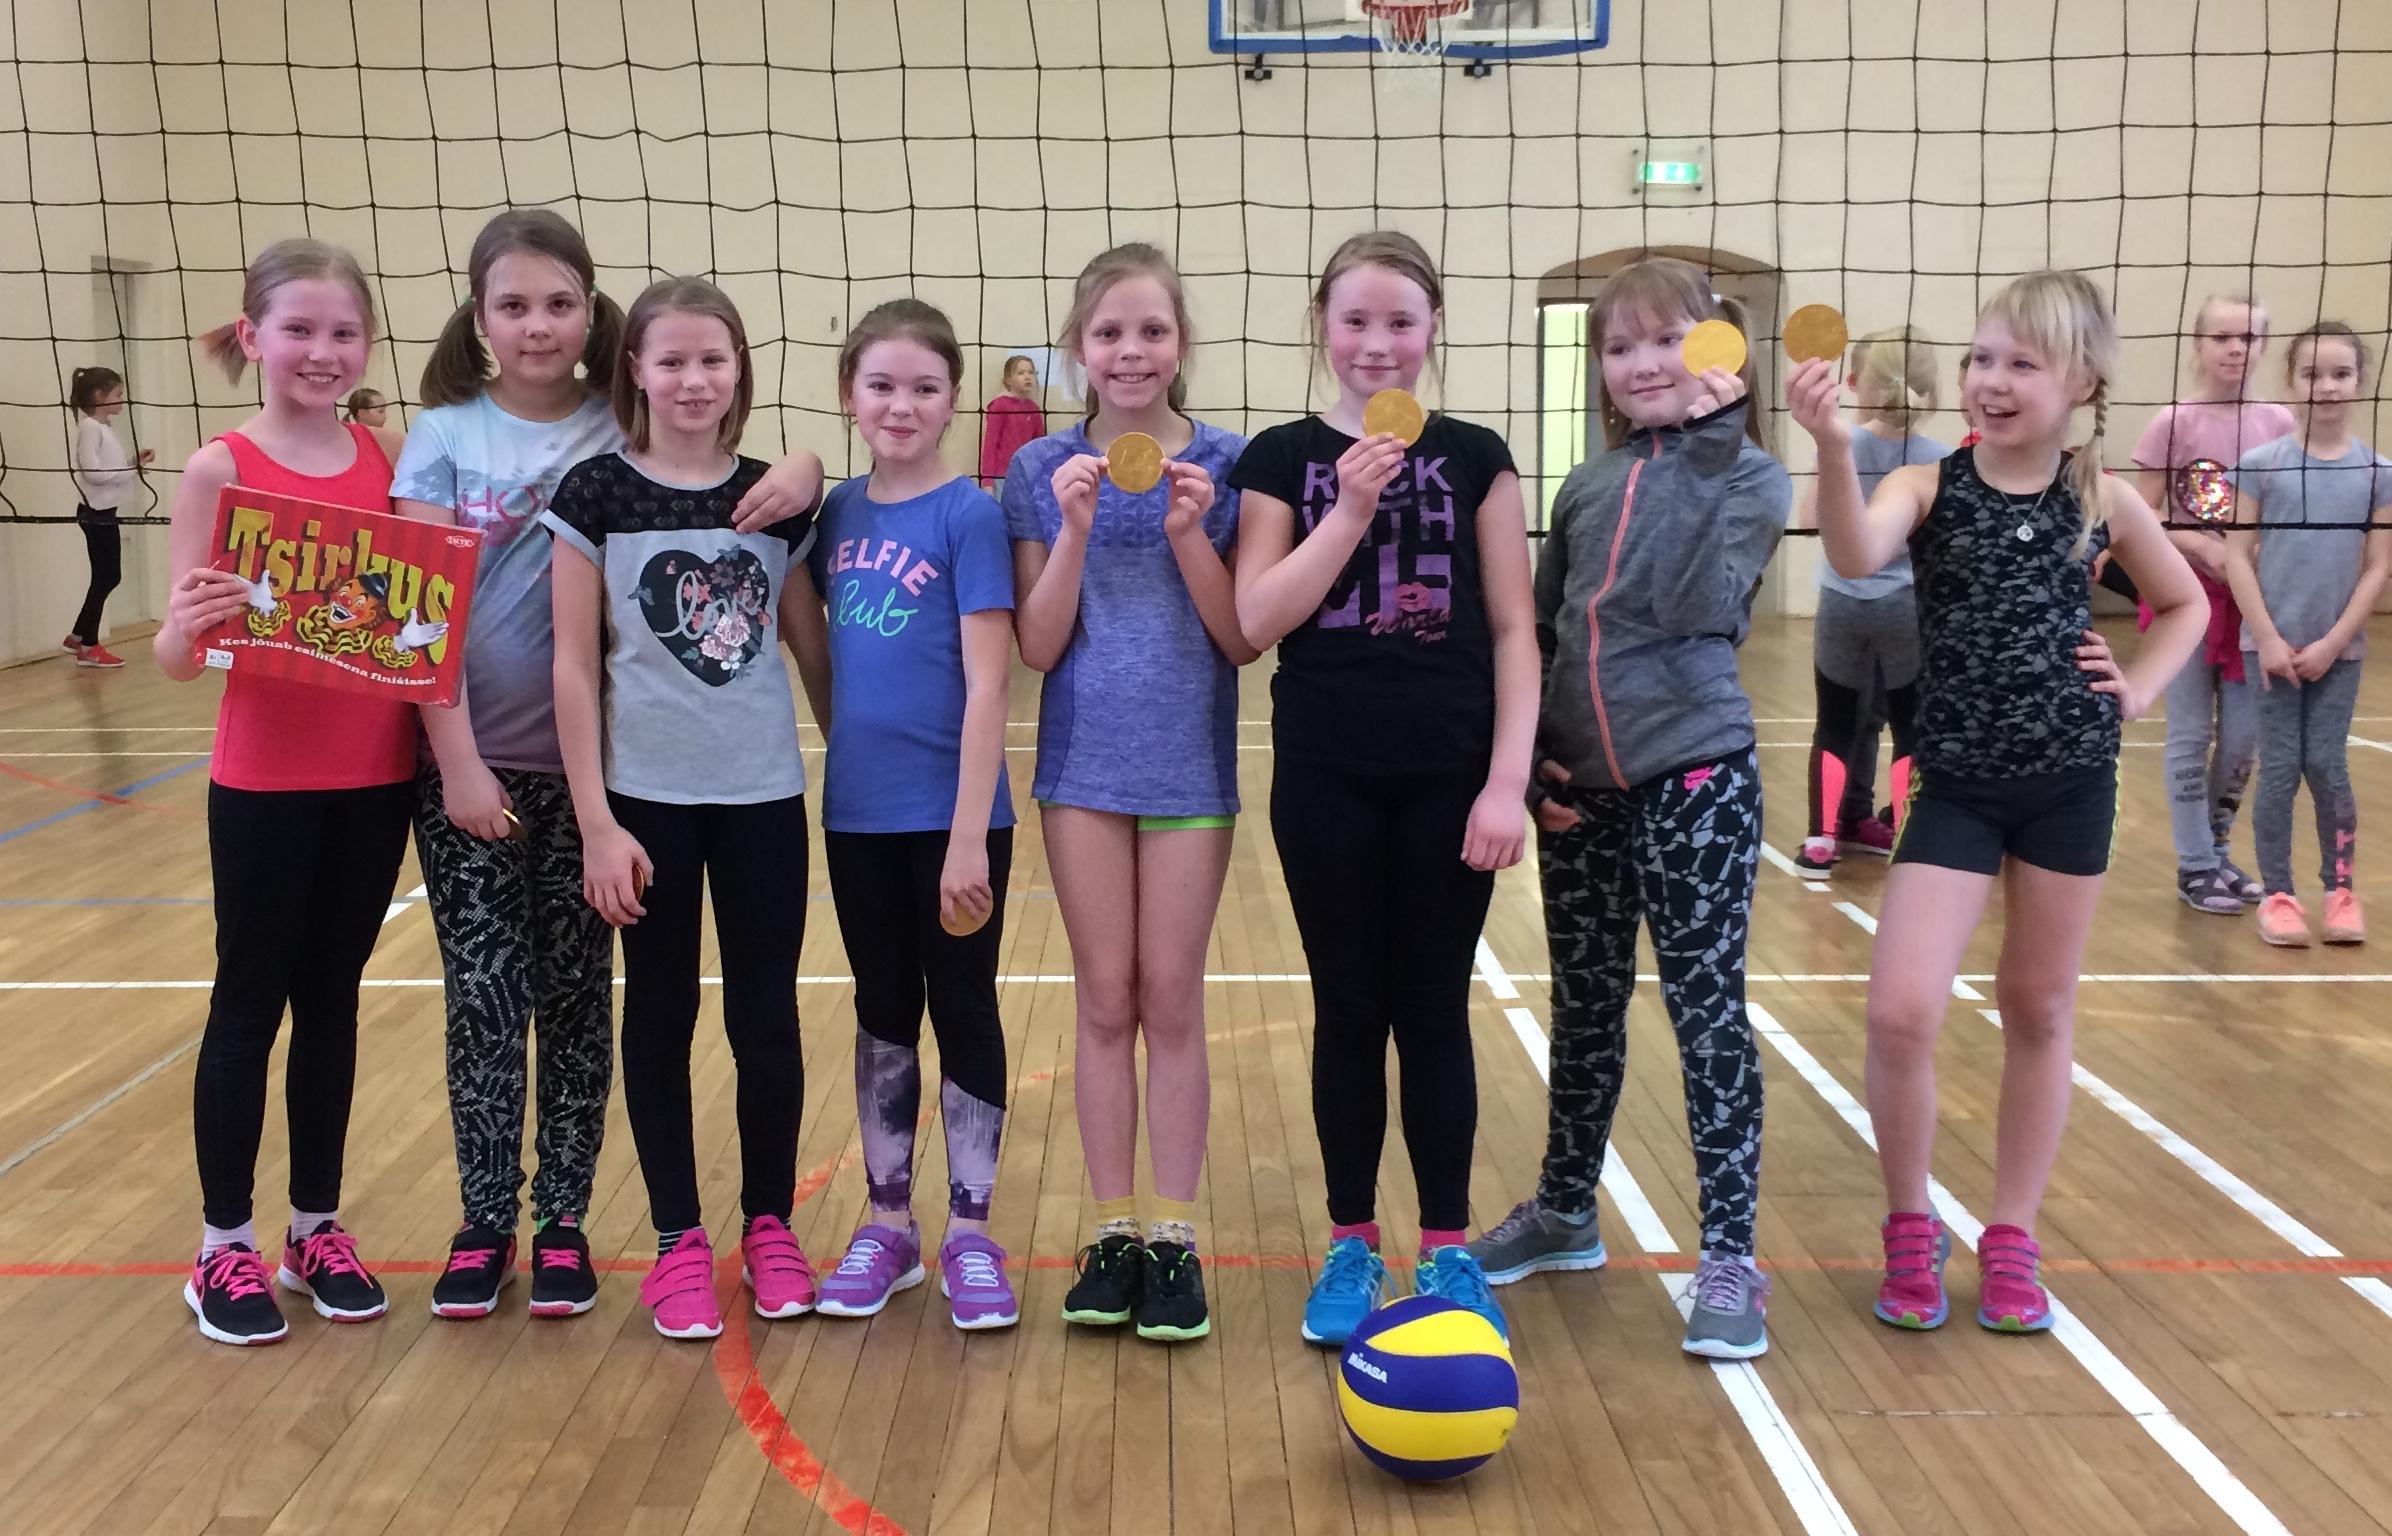 9335ae2d254 Teisipäeval (13.02) toimus pioneerpalli turniir kolmandate klasside  tüdrukutele. Turniir läks väga hästi. Kõik osalejad olid väga tublid!